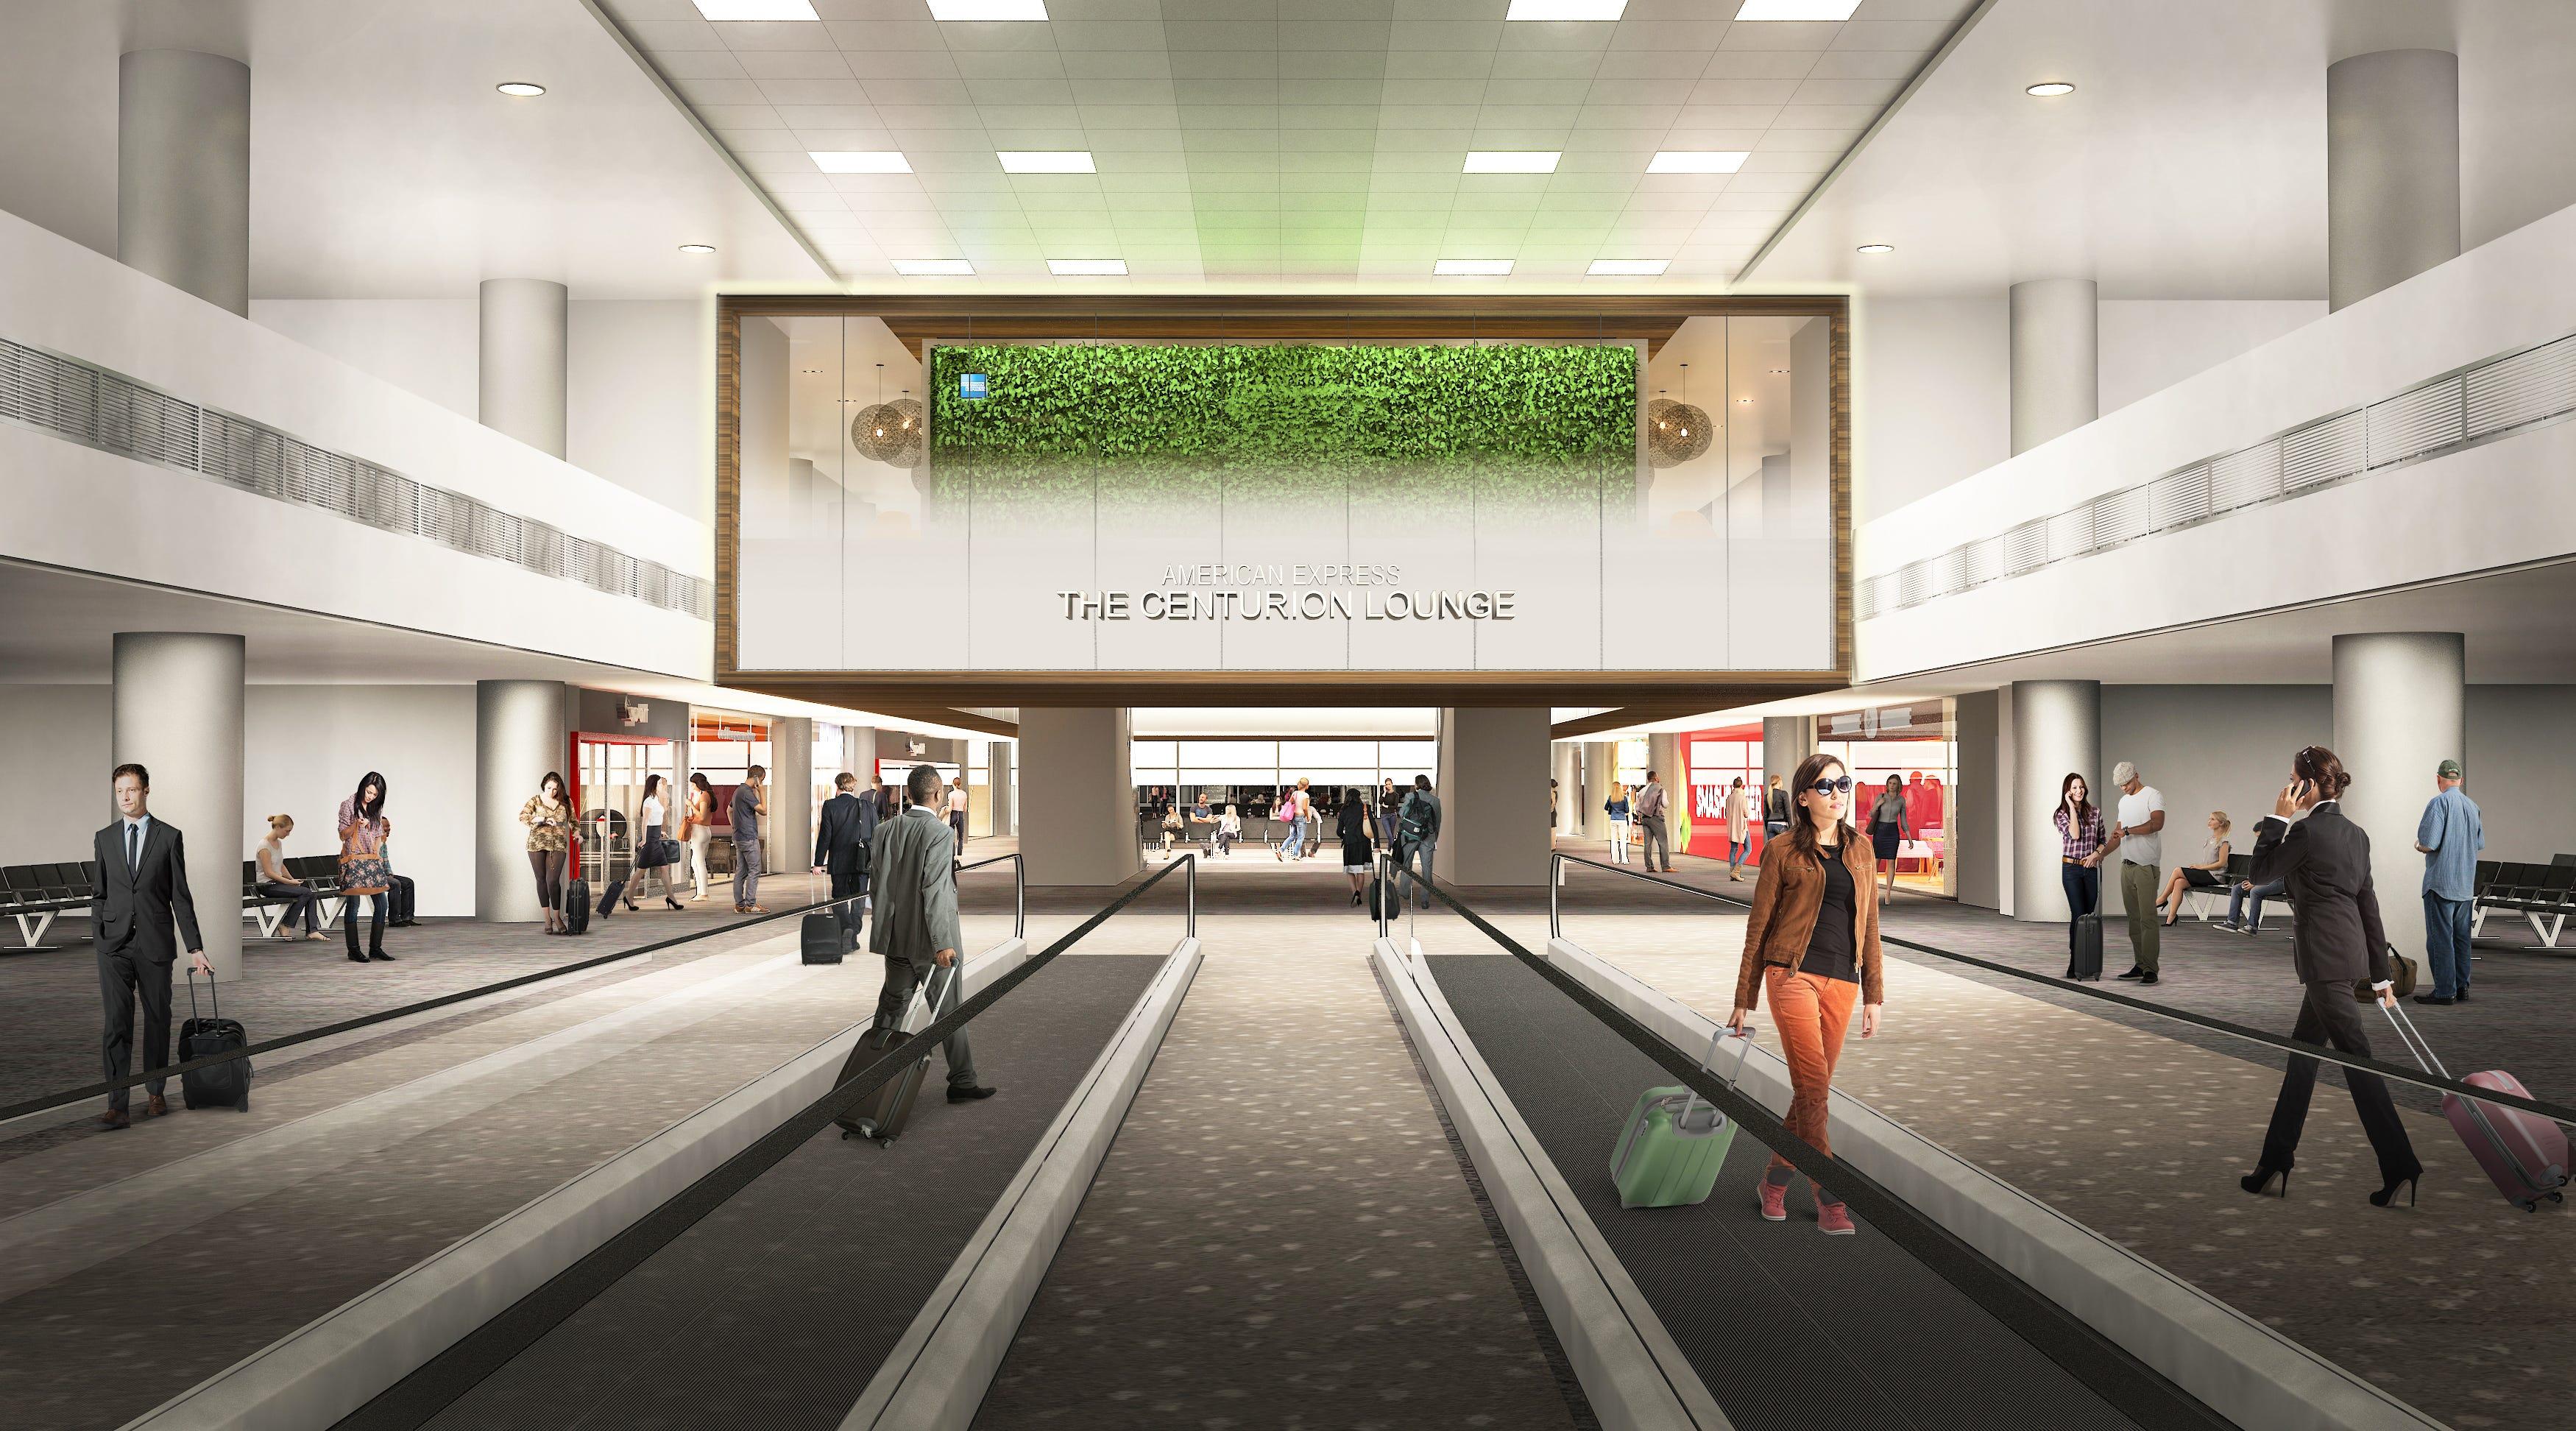 Denver airport next to get posh club